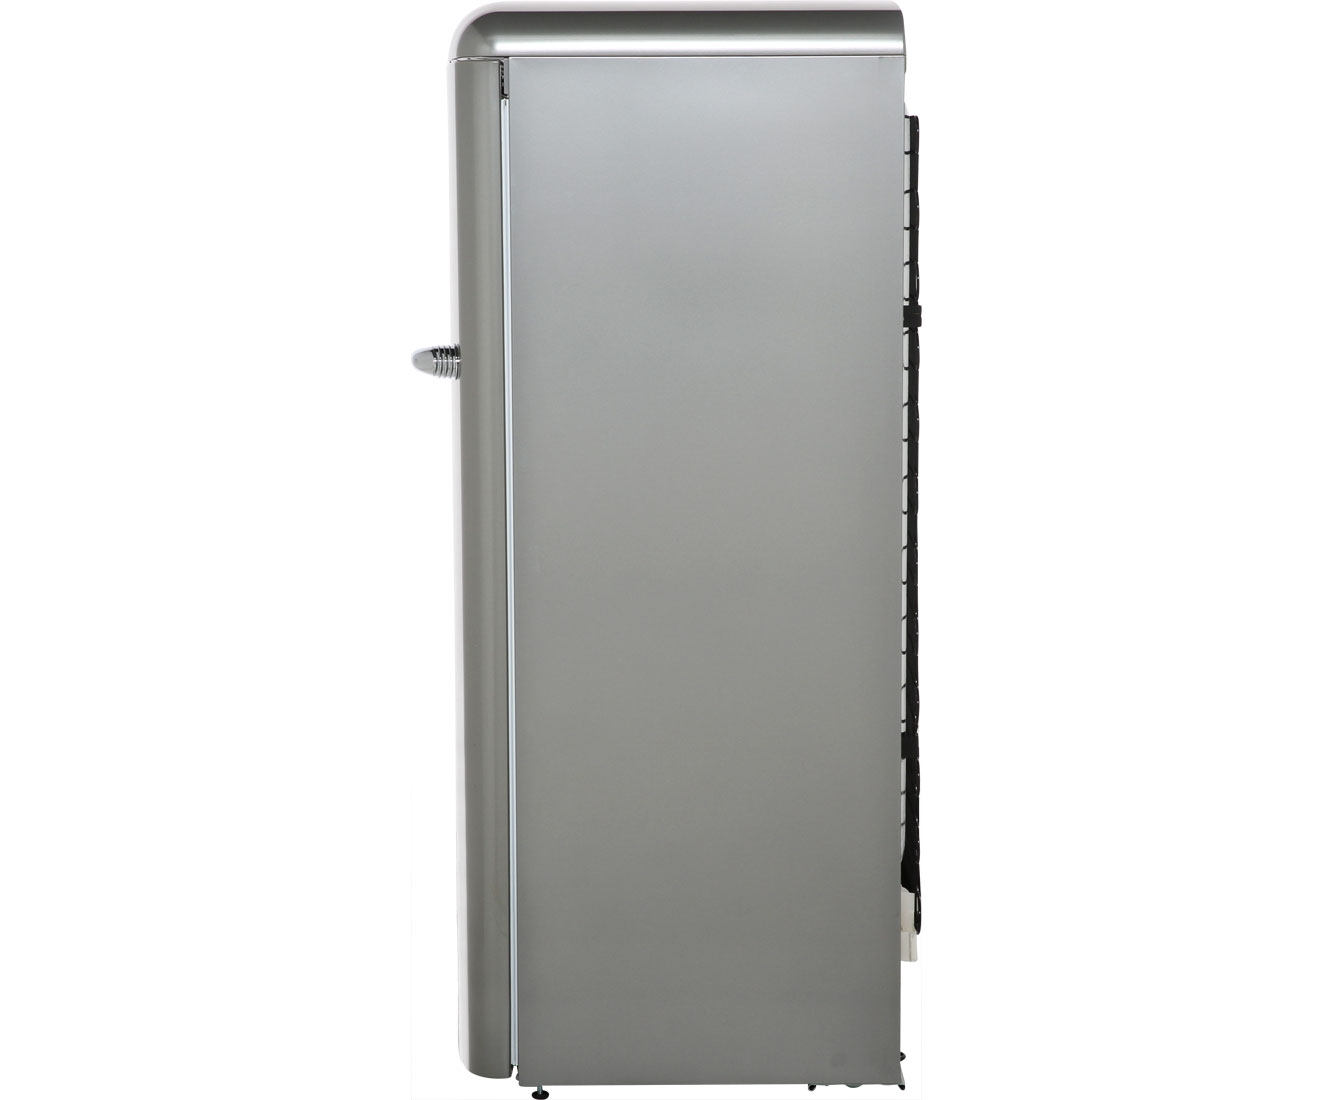 Gorenje Kühlschrank Vw Kaufen : Kühlschrank gorenje kühlschrank gefrierschrank gebraucht kaufen